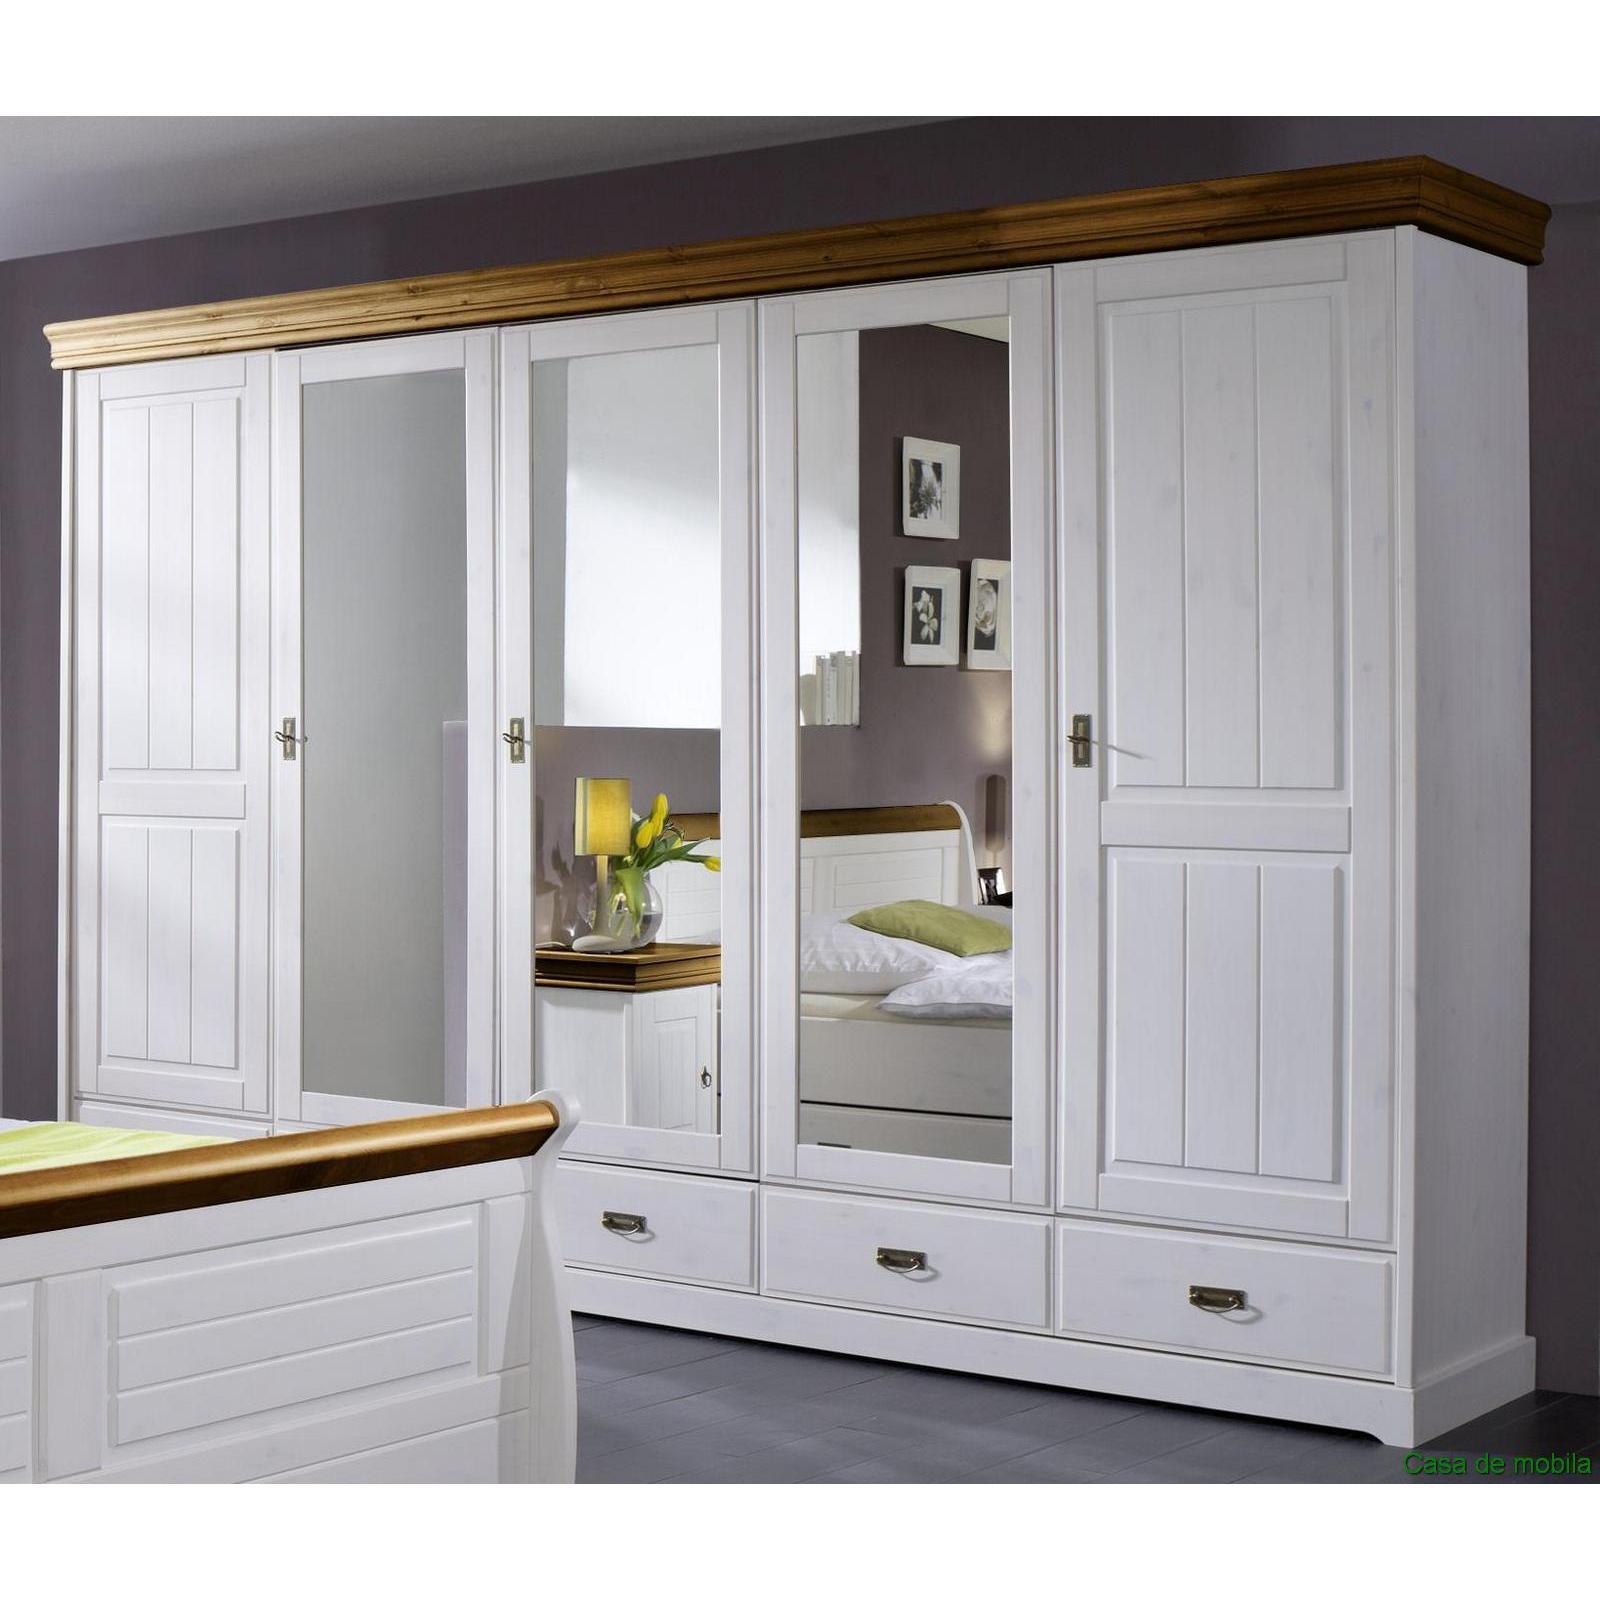 Massivholz schlafzimmer set komplett kiefer 4 teilig 2 farbig wei honigfarben ebay - Schlafzimmer bei ebay ...